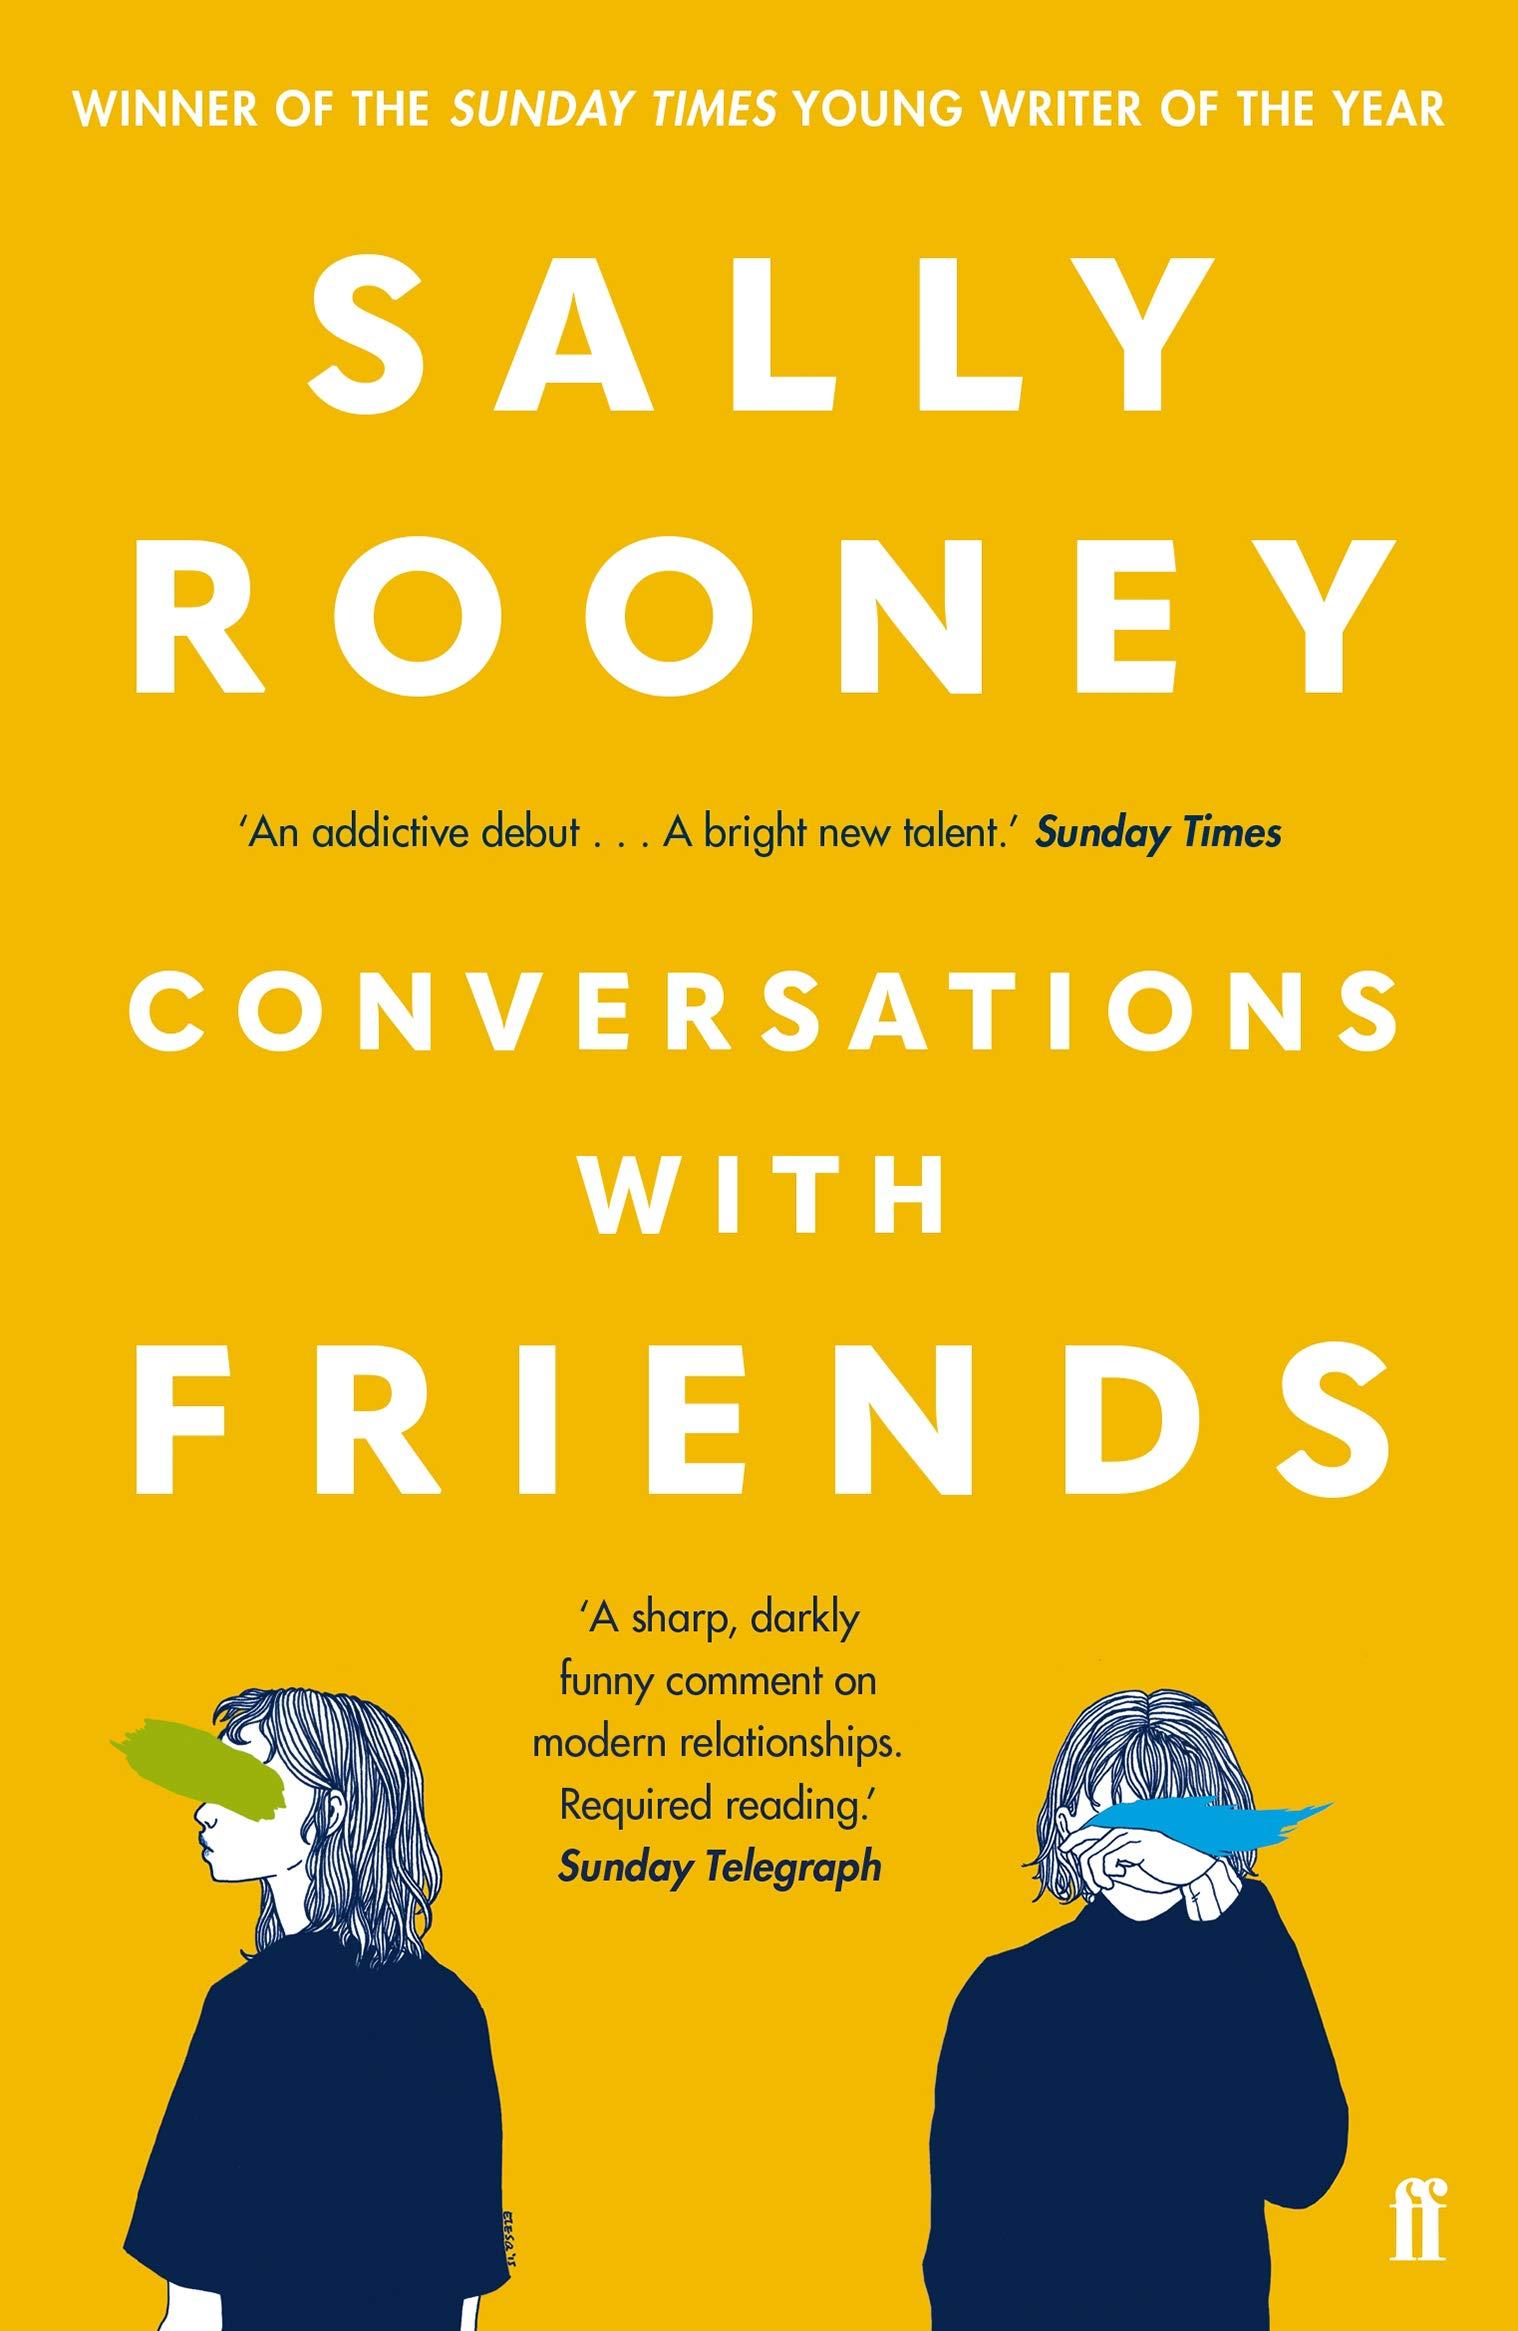 """5. Conversations with Friends, Sally Rooney - Genre: RomanSamenvatting van het boek in drie* zinnen: Frances woont in Dublin, ze is 21, koel, schrijft poëzie, is observerend en is de beste vriendin van Bobbi. Als ze meedoet aan een poetryslam wordt ze gespot door de succesvolle journaliste Melissa. Frances raakt al snel geobsedeerd met zowel Melissa als Melissa's echtgenoot Nick en haar relatie tot hen en Bobbi neemt ingewikkelde vormen aan.Favoriete quote: """"You underestimate your own power so you don't have to blame yourself for treating other people badly."""""""